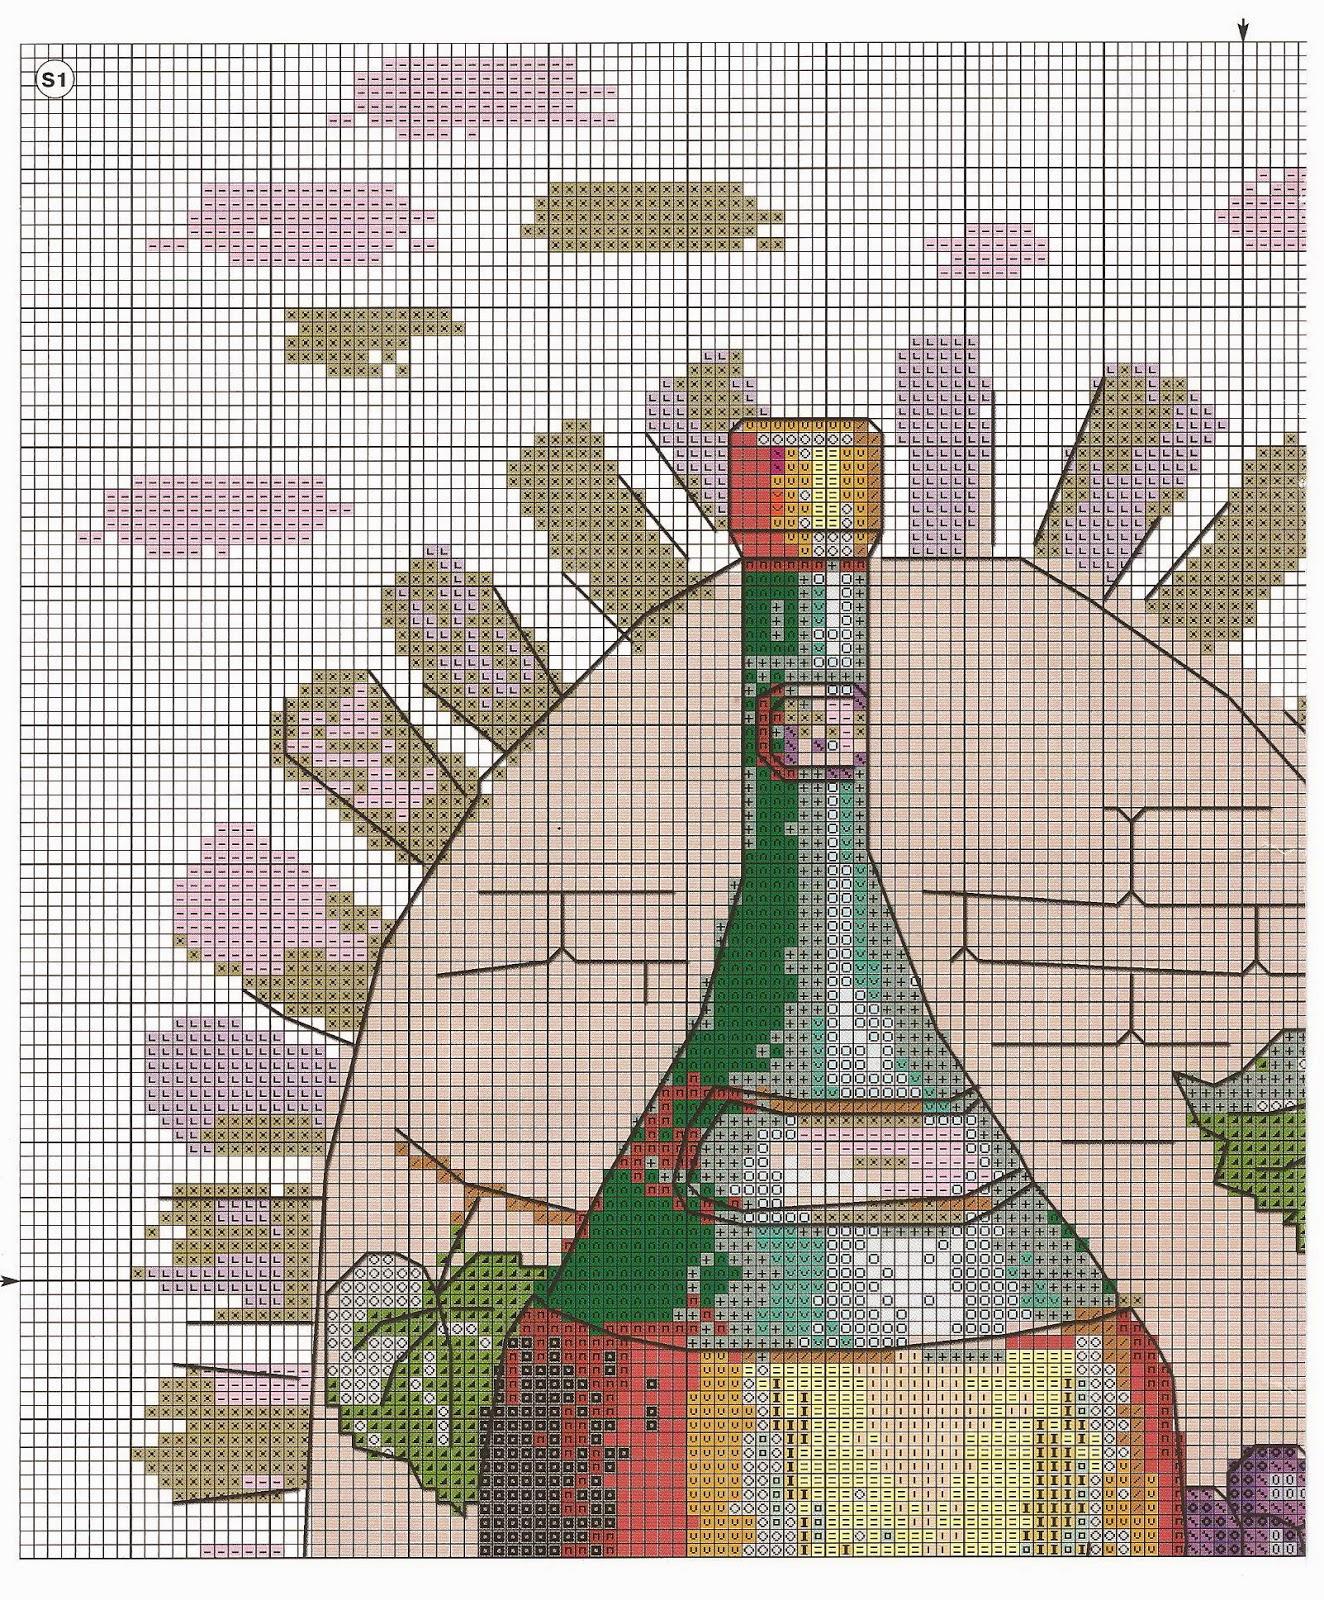 вышивка крестом кухня схема риолис